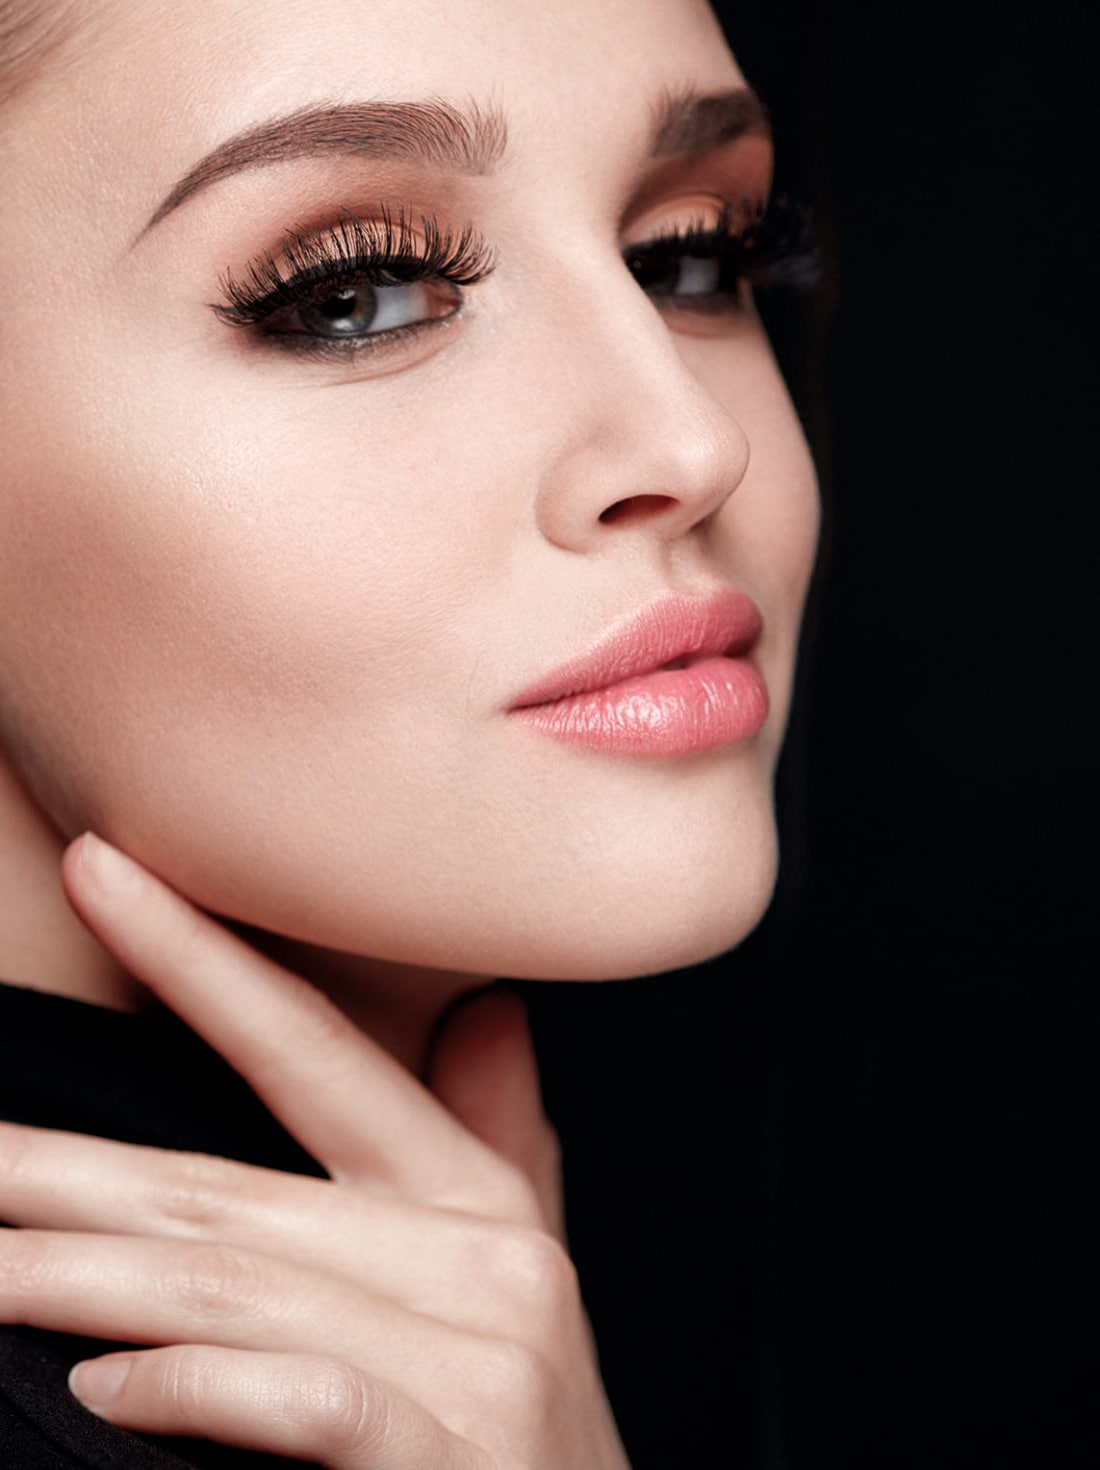 Trwały makijaż makijaż permanentny microblading Studio Marta Rybarkiewicz